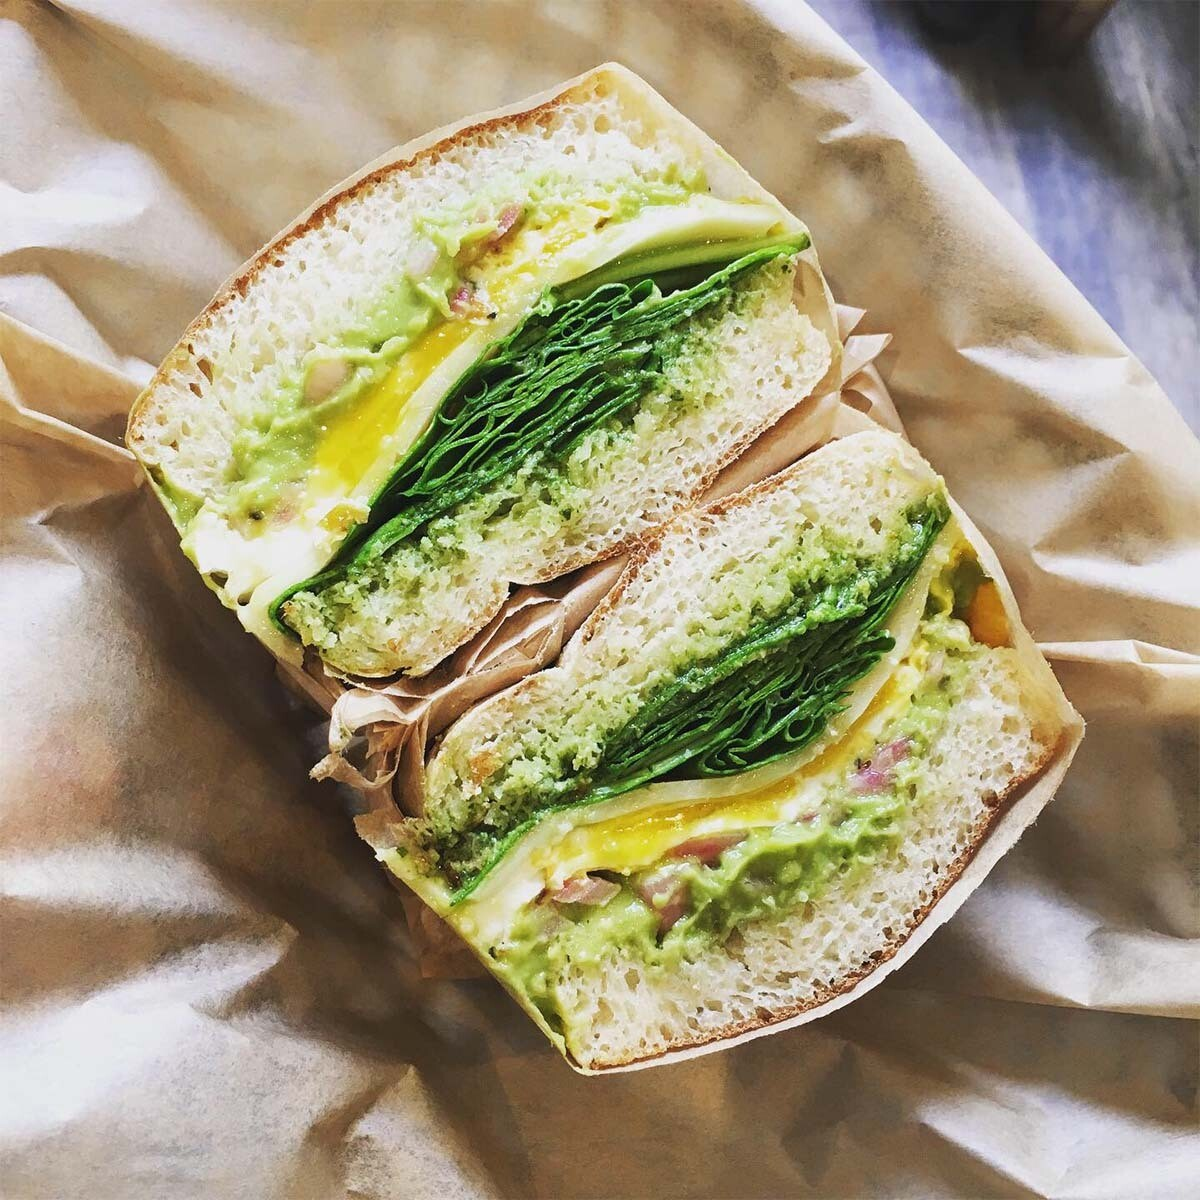 The Green Goddess Sandwich